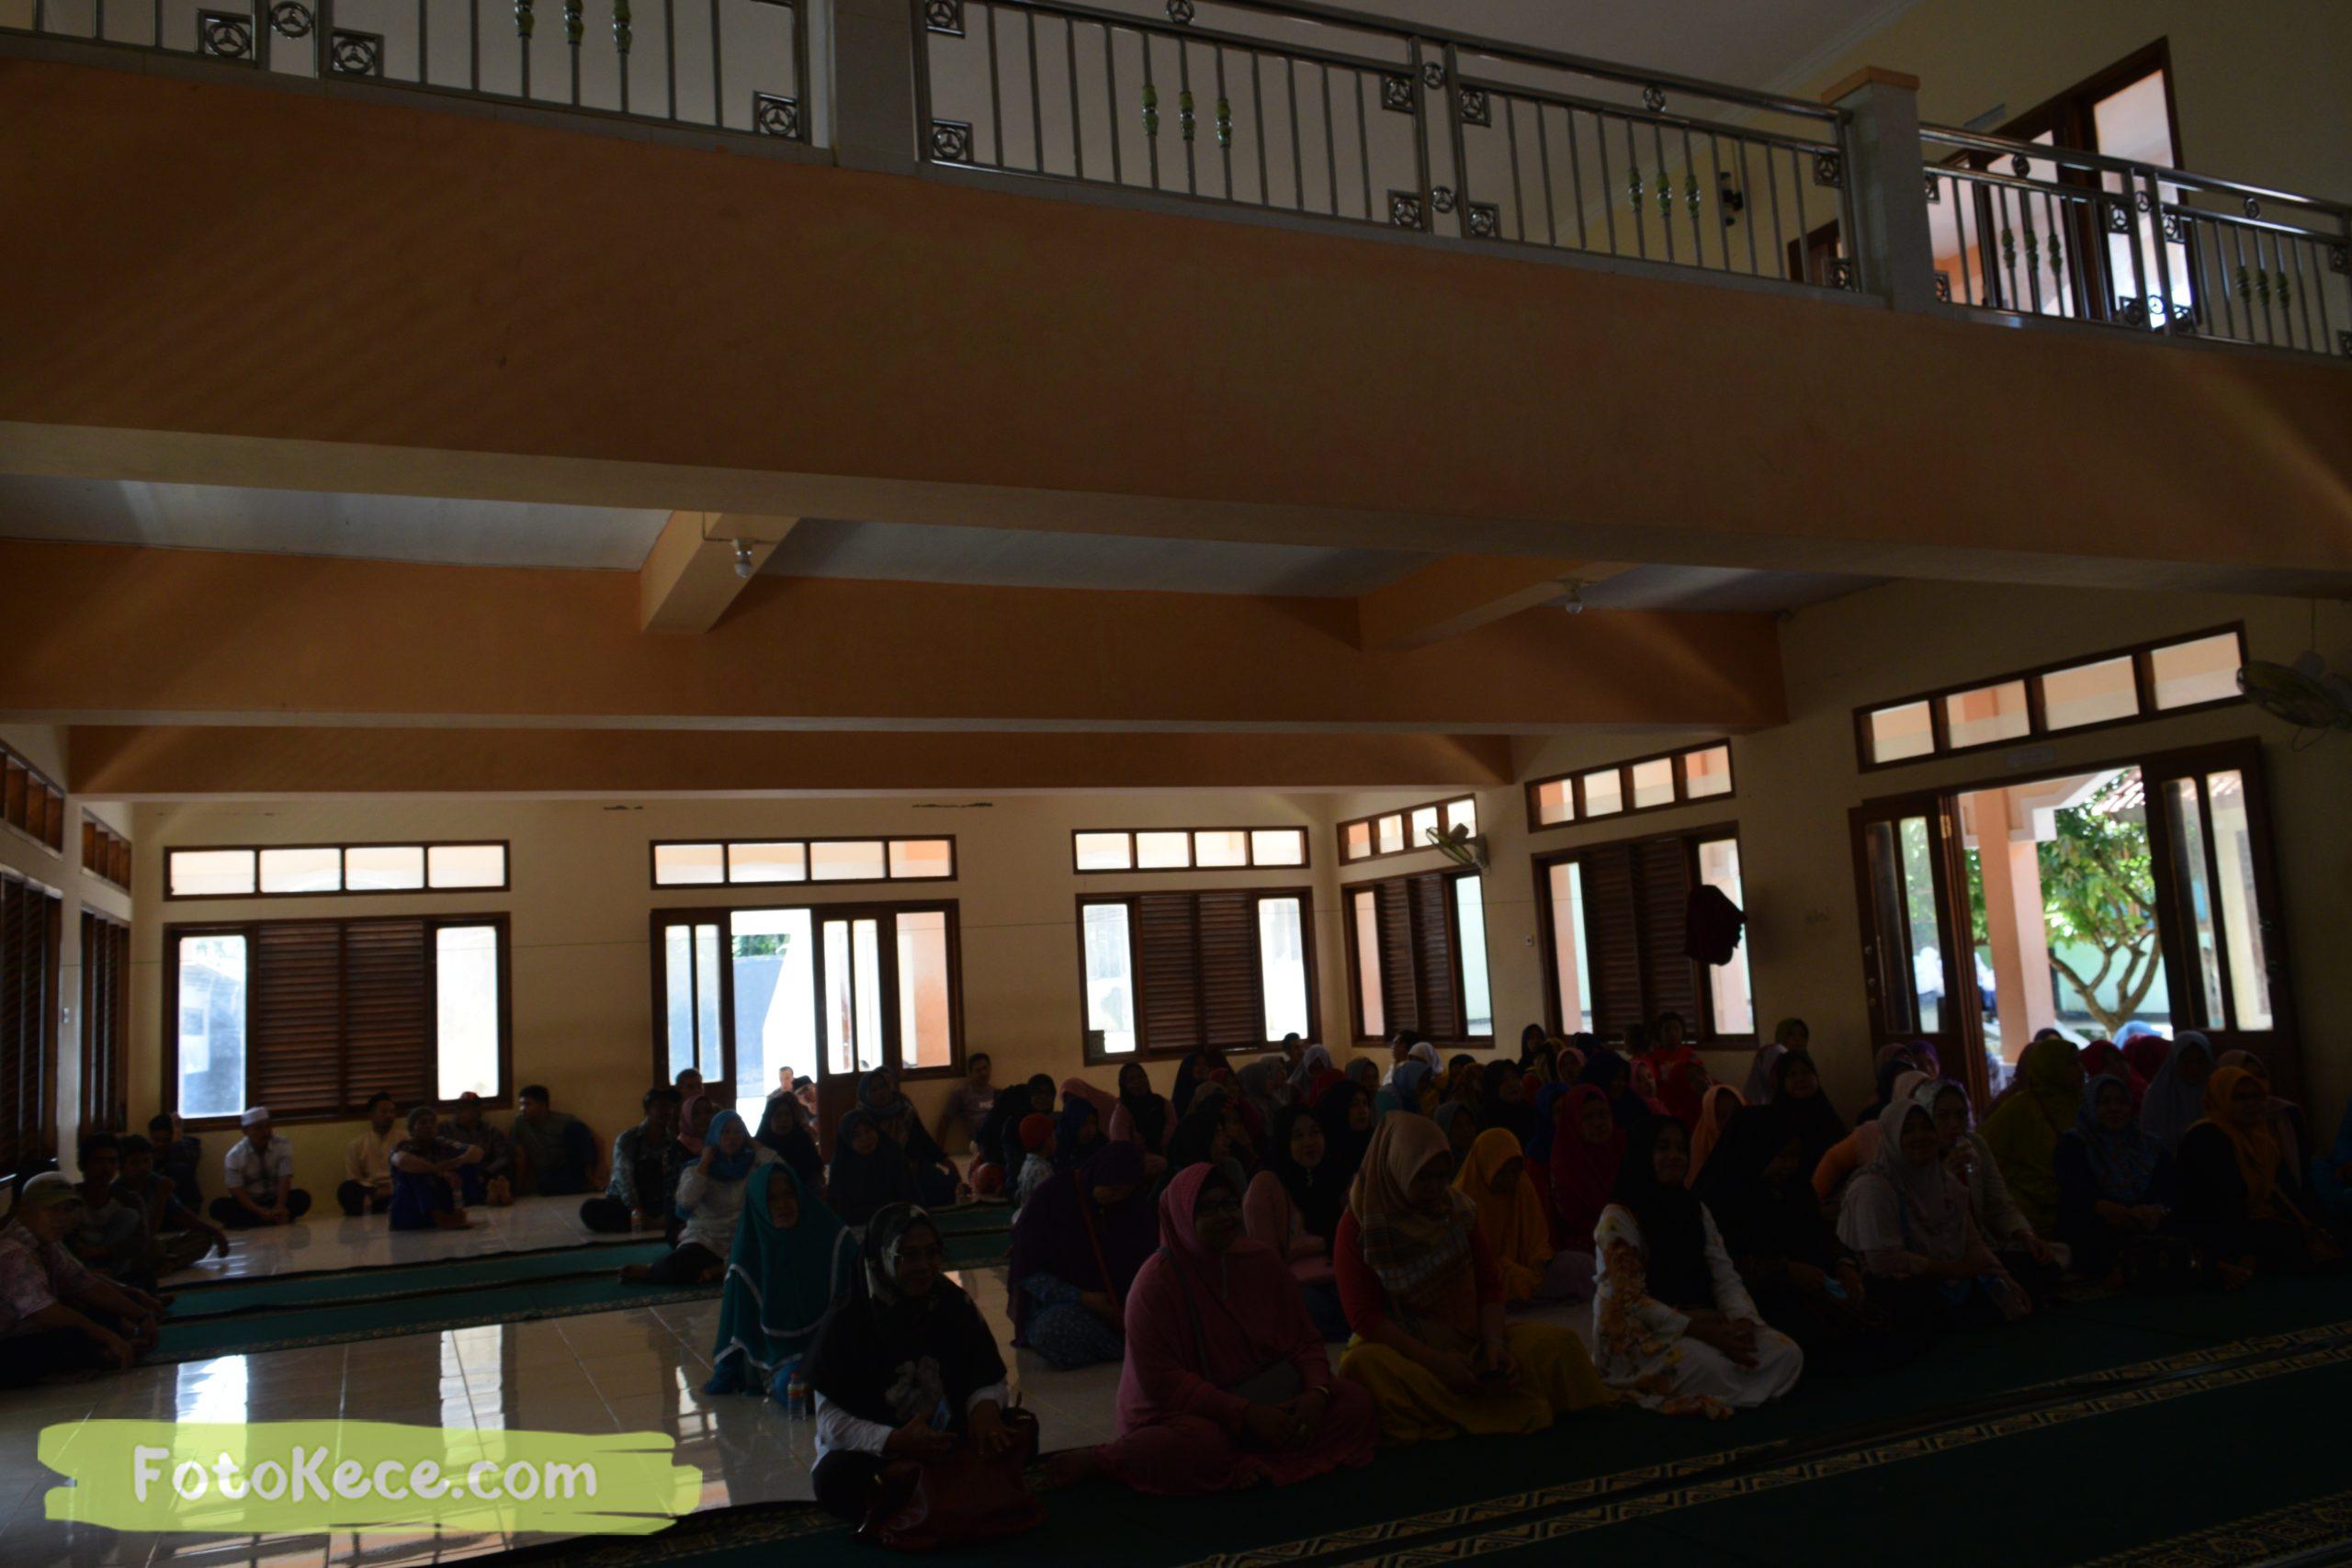 rapat komite ortu siswa kelas 9 masjid mtsn 2 sukabumi 05022020 foto kece poto kece 37 scaled